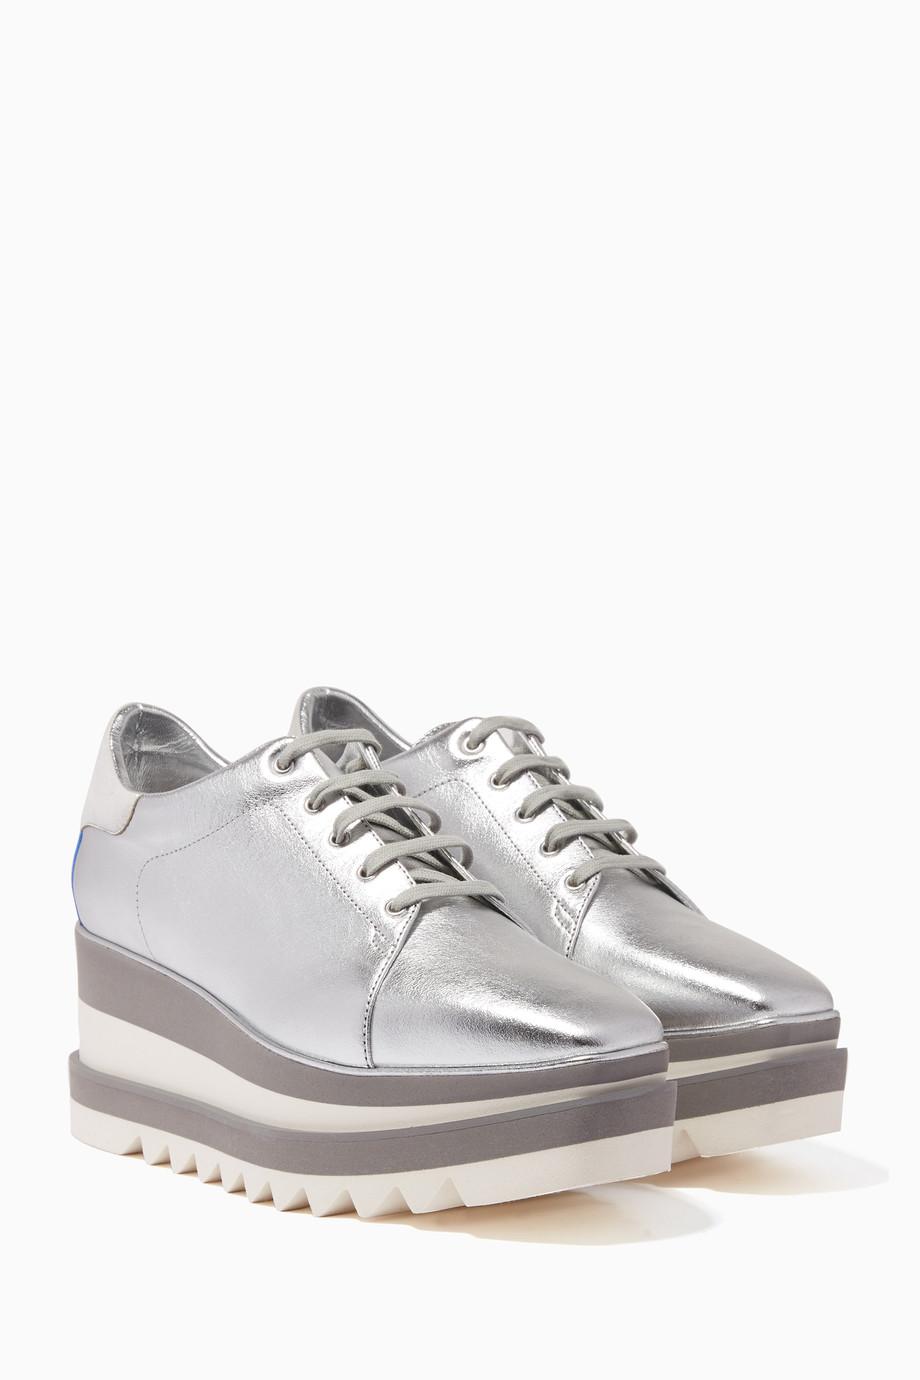 539a923e0e5d Shop Stella McCartney Silver Silver Sneak-Elyse Sneakers for Women ...